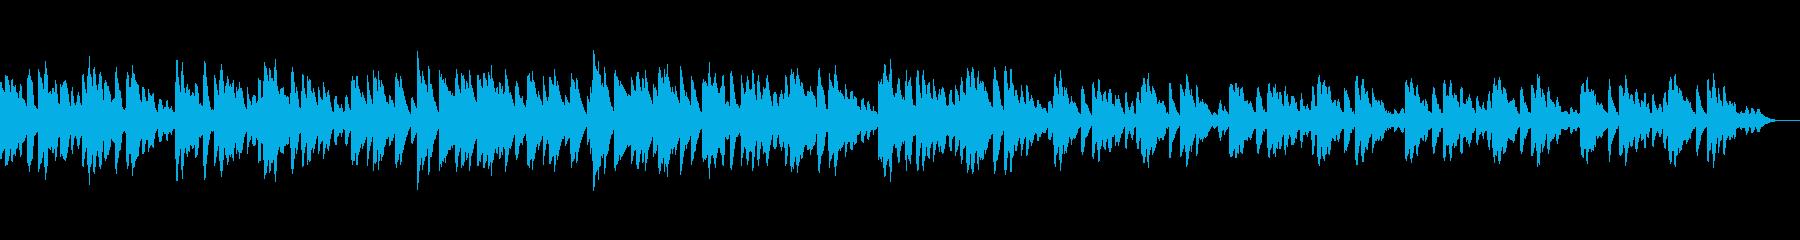 神秘的で、どこか物悲しくもある曲の再生済みの波形